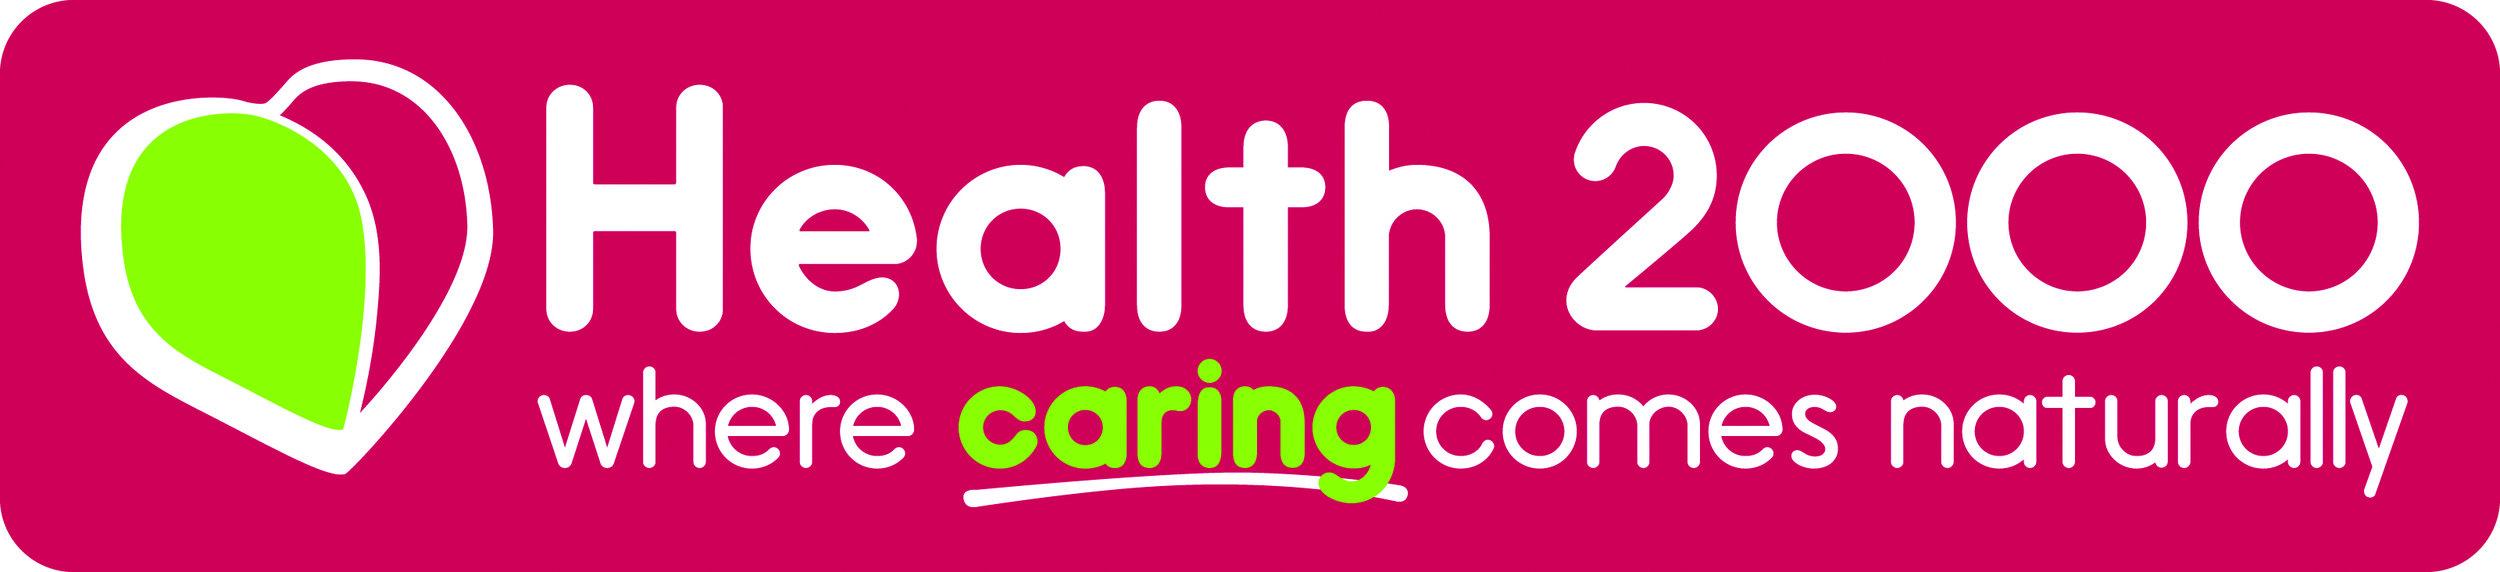 Health 2000 Logo 2014 Oblong